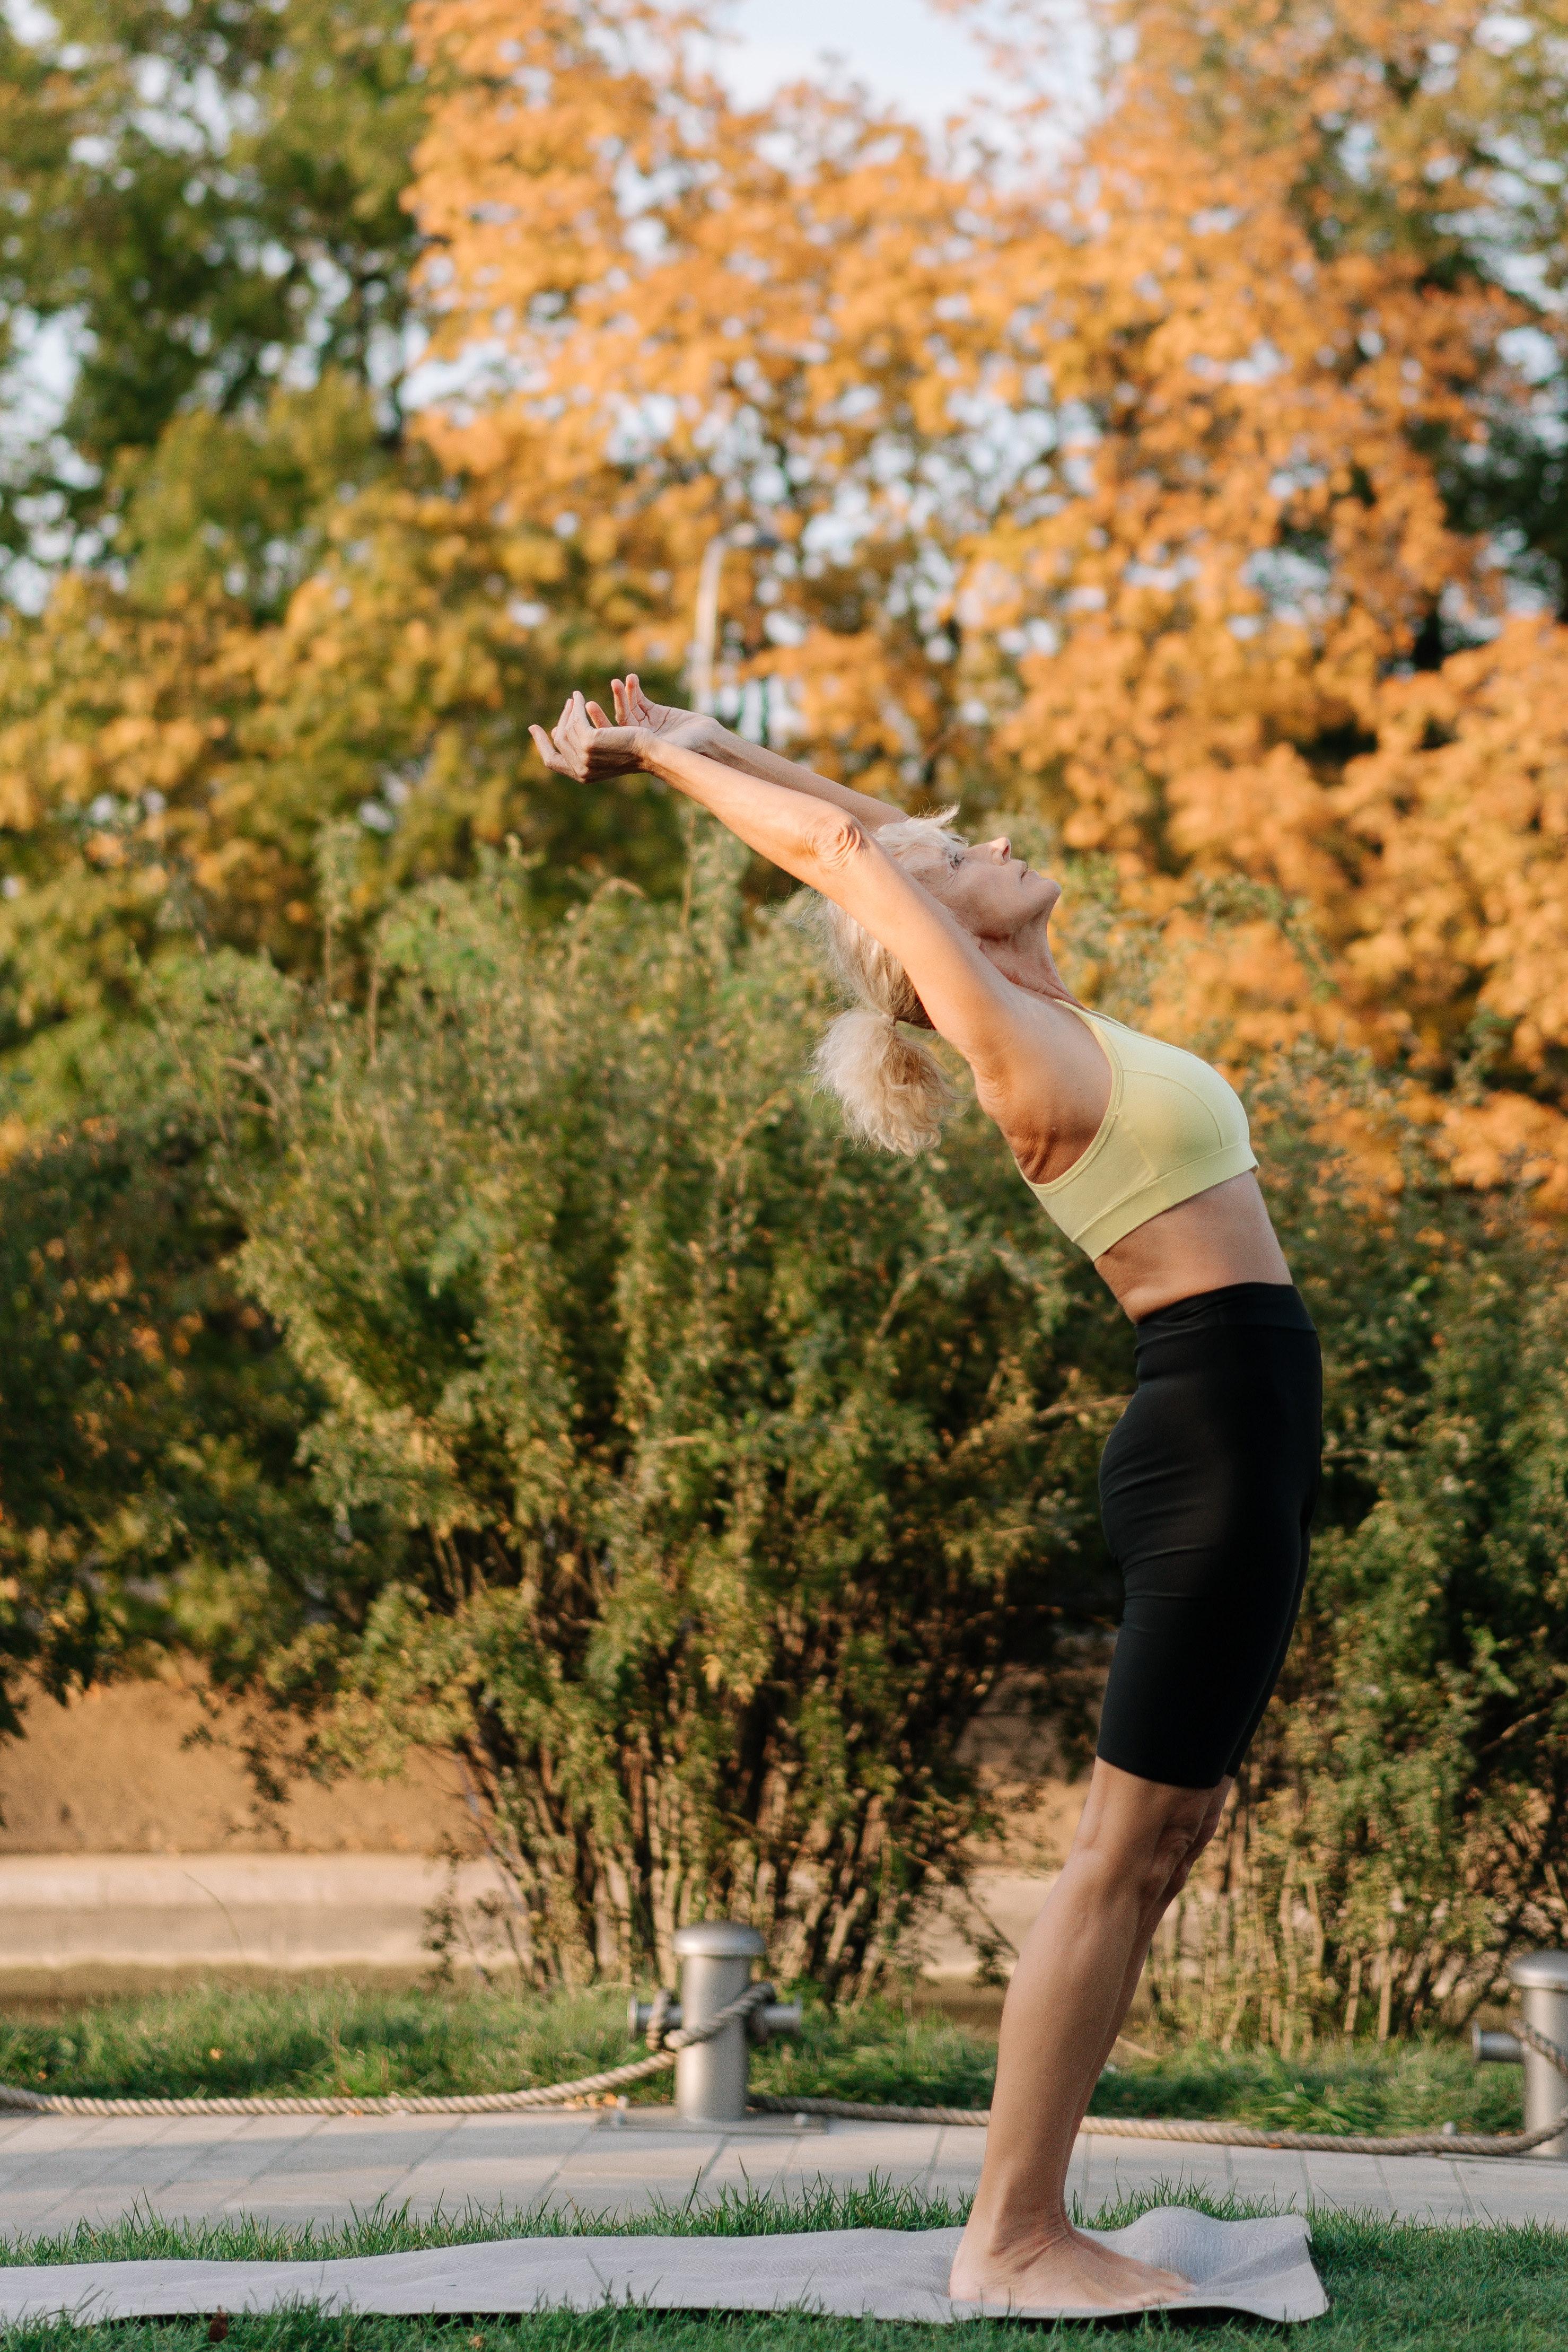 瑜伽課好多,哈達瑜伽和艾揚格瑜伽的差別是什麼?